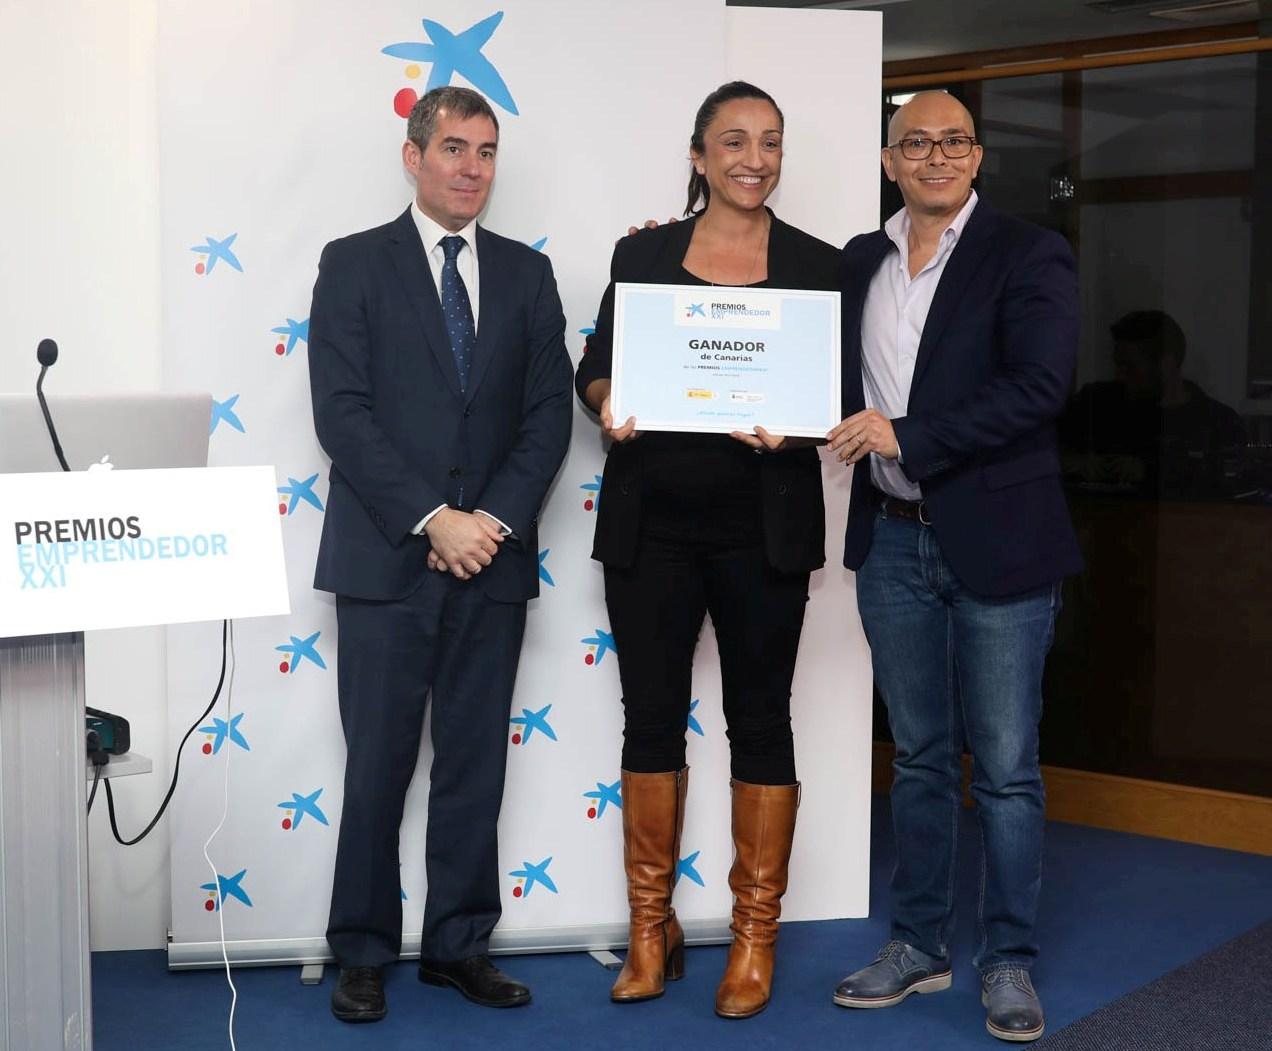 Ferimark 2016 gana los Premios Emprendedor XXI de Canarias